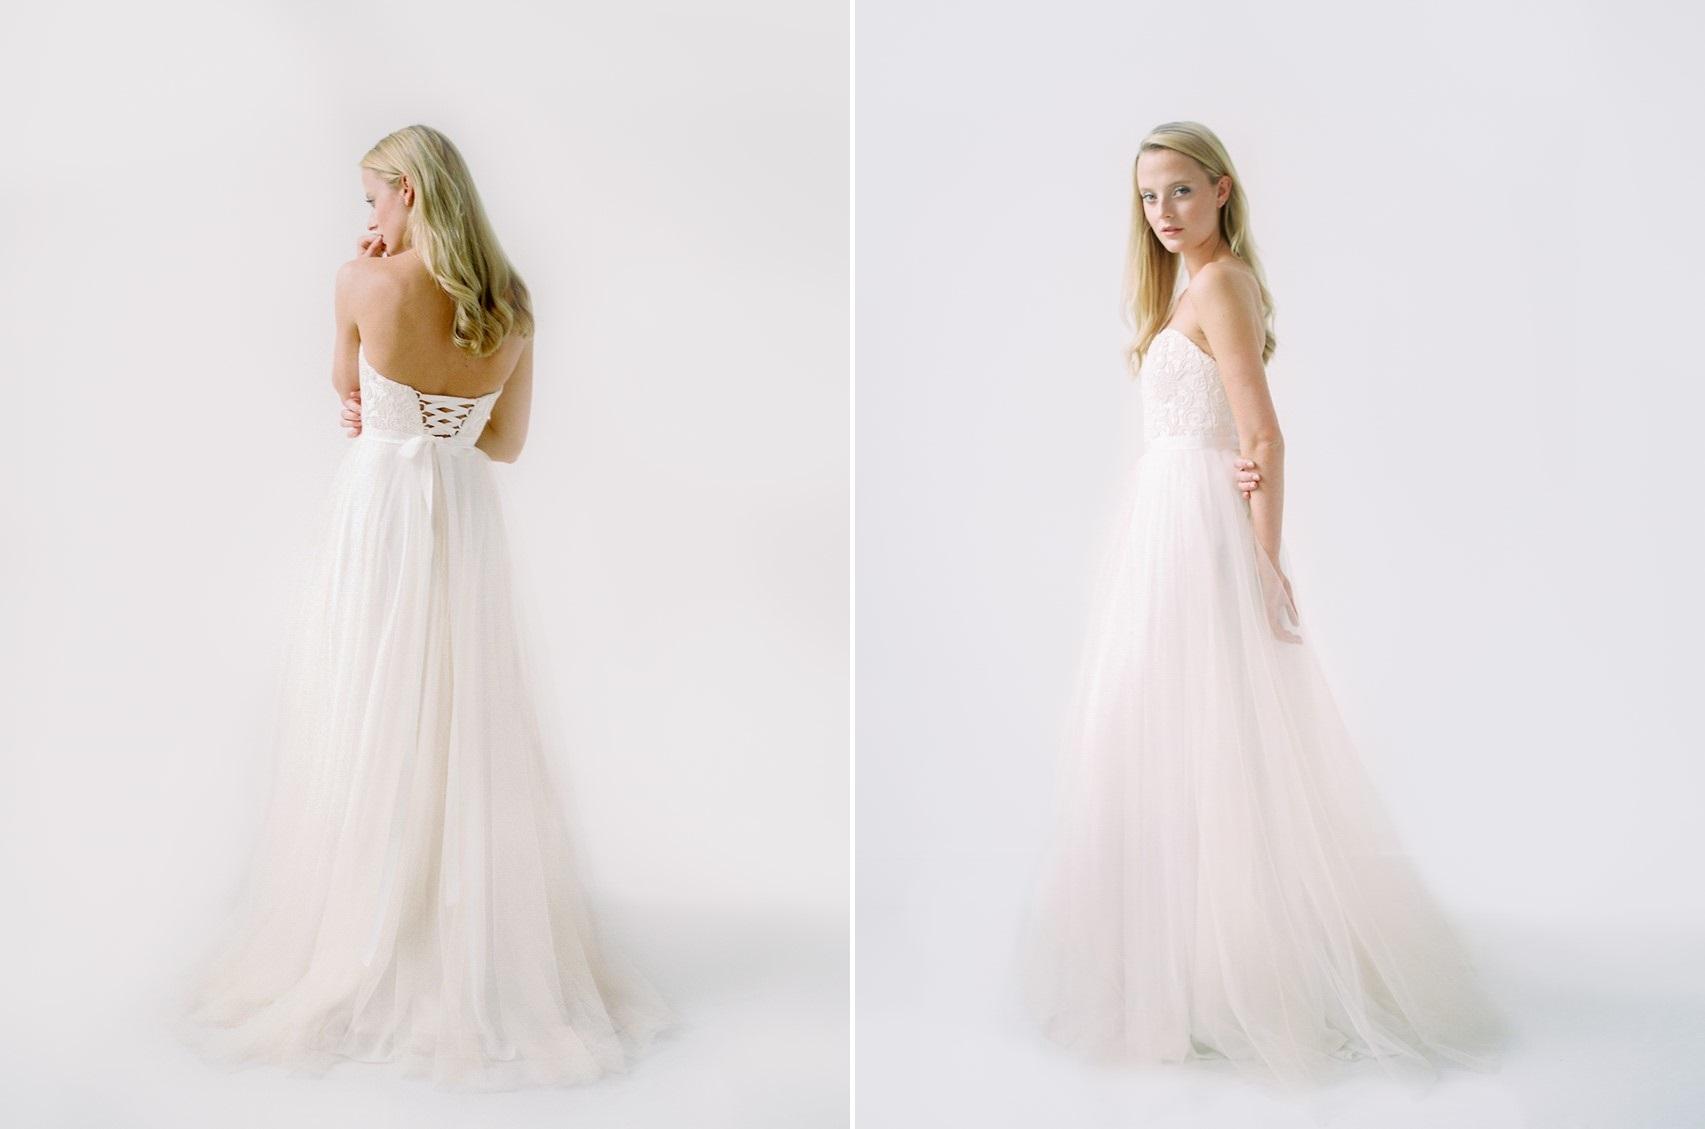 Britt Wedding Dress from Truvelle